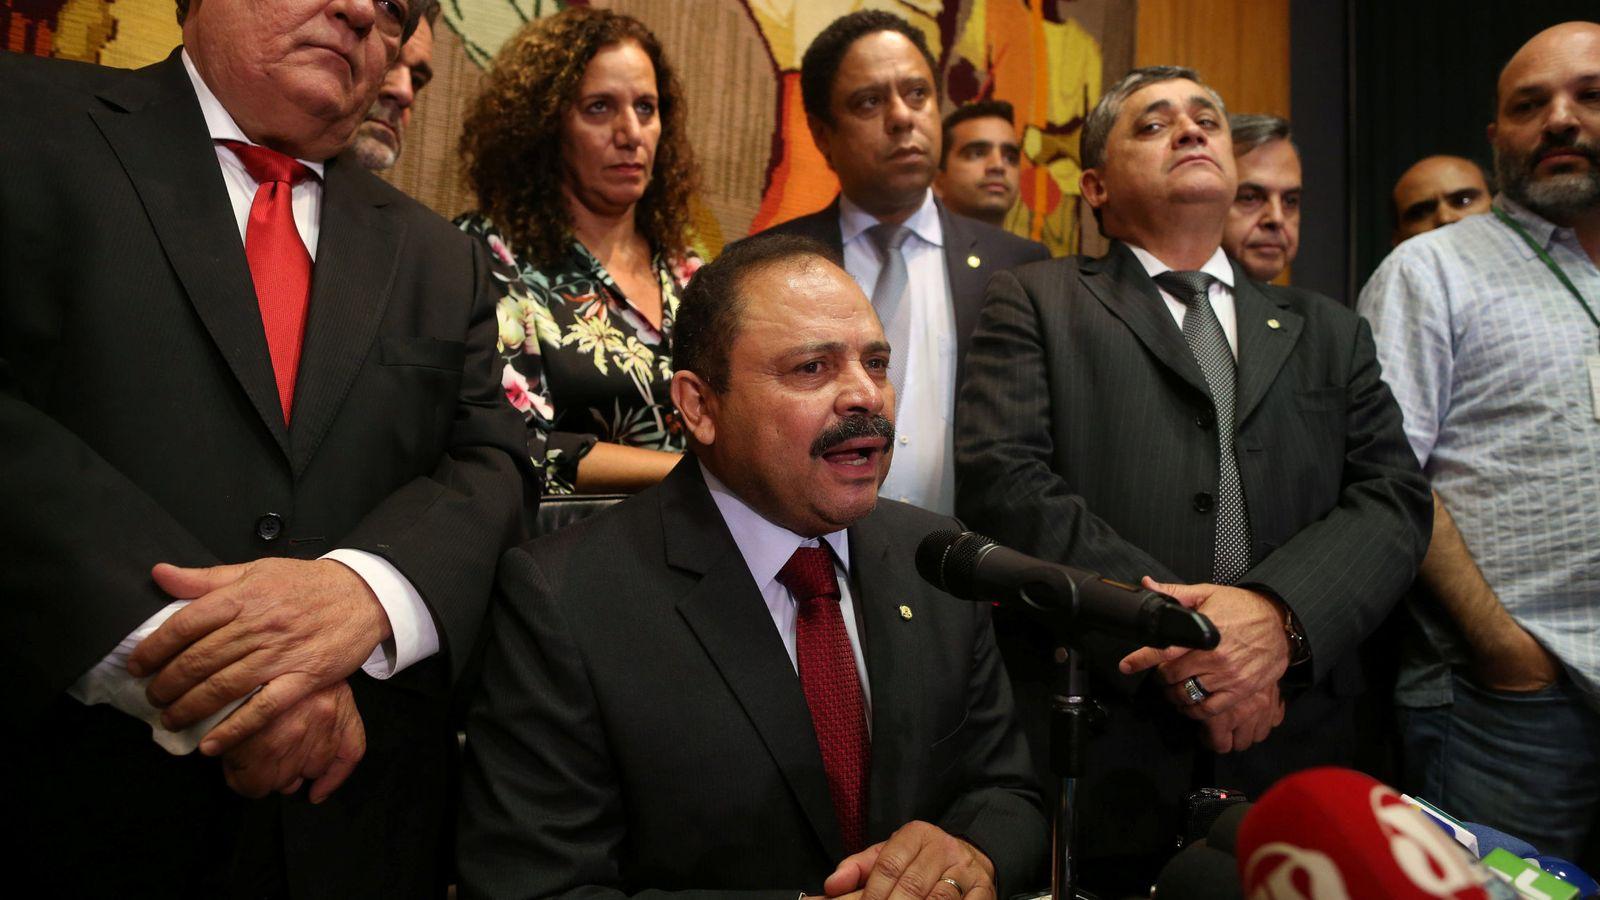 Foto: El diputado Waldir Maranhao, presidente interino de la Cámara Baja brasileña, durante una rueda de prensa en Brasilia (Reuters).